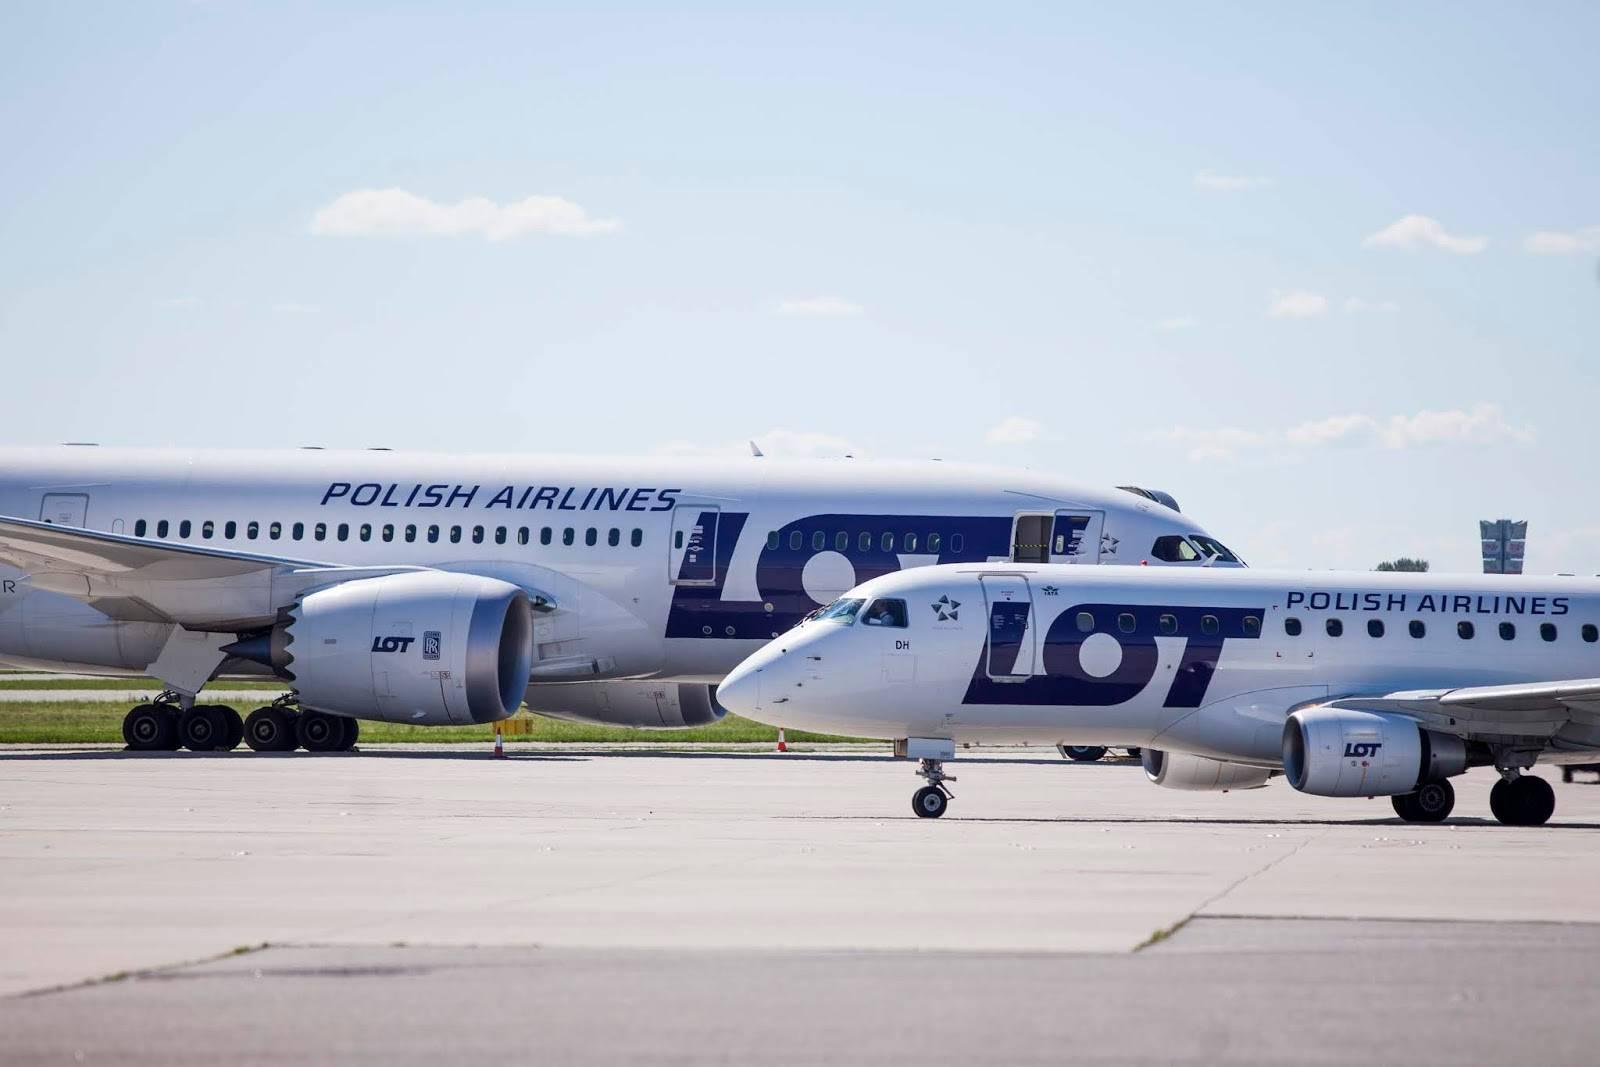 Авиакомпания lot polish airlines: куда летает, какие аэропорты, парк самолетов